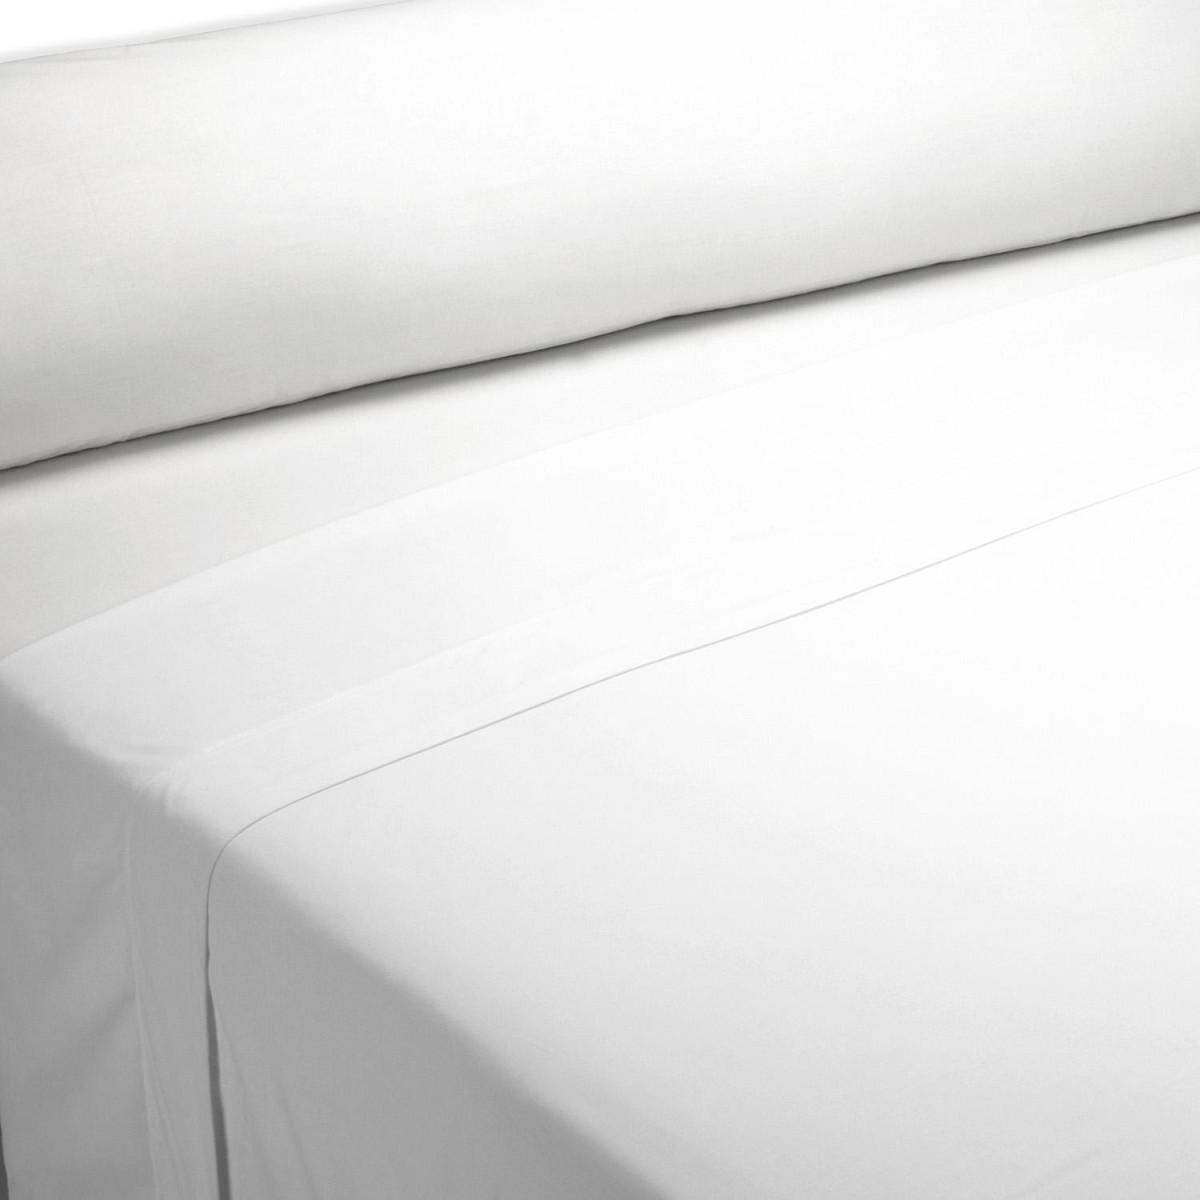 Sábana encimera HOSTELERIA 200 hilos Percal 50% Algodón - 50% Poliéster